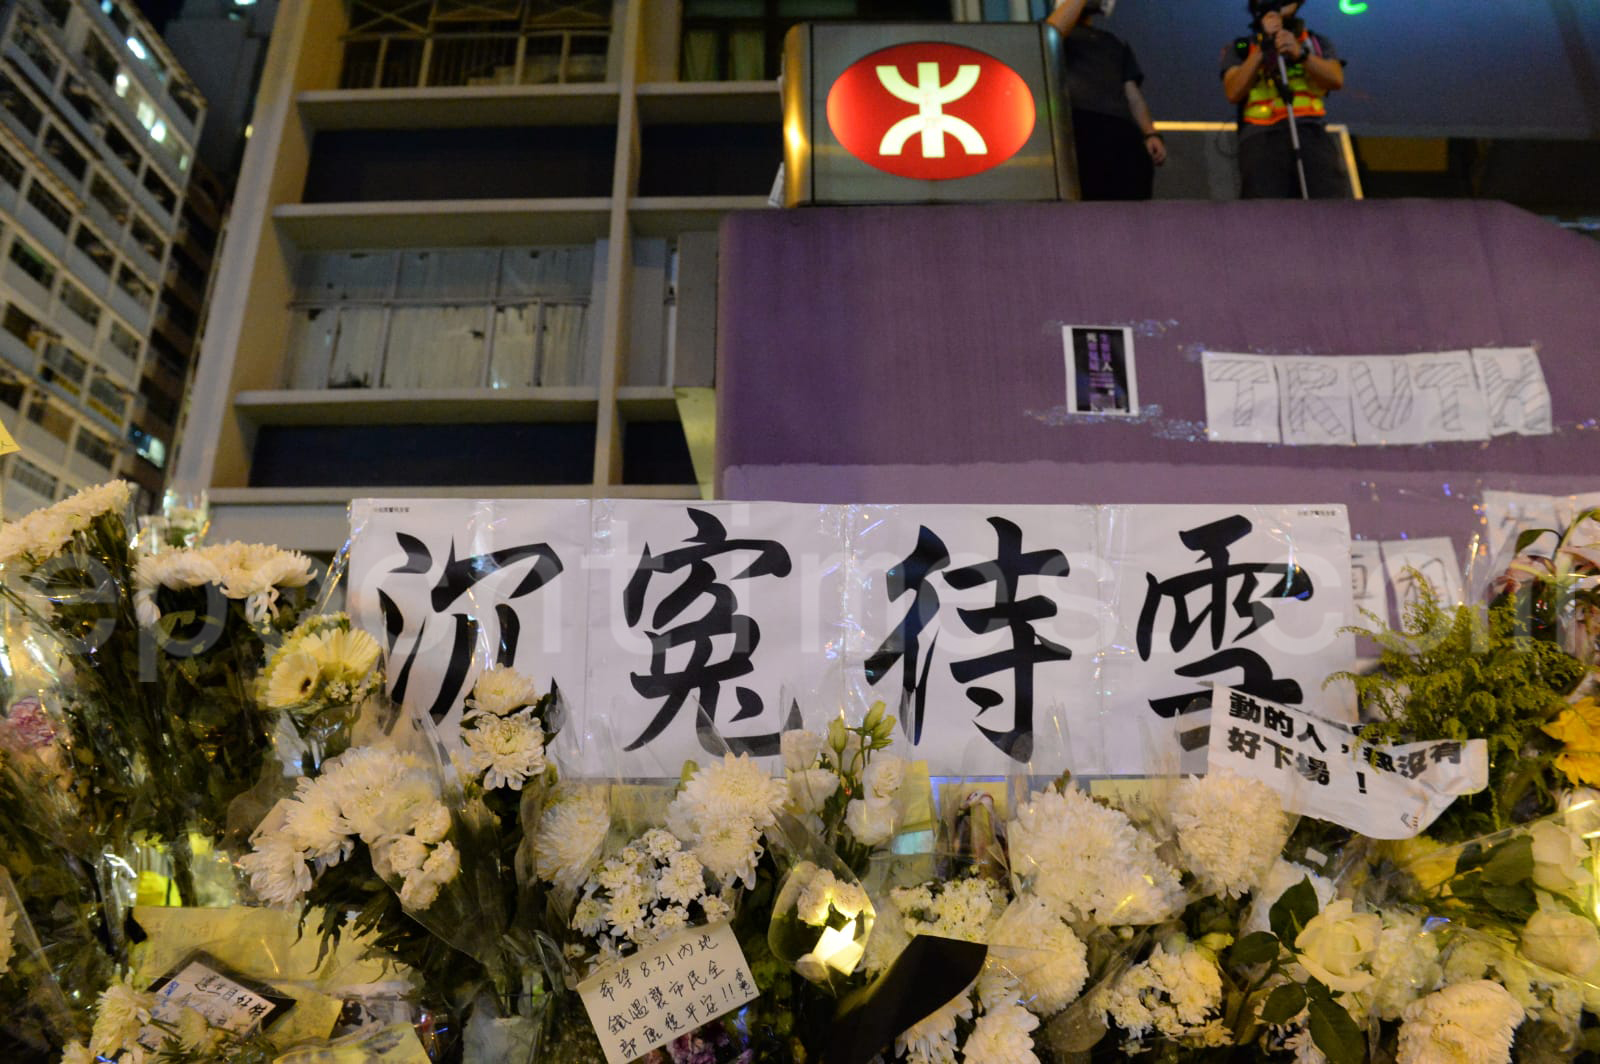 從9月1日以來太子站B出口不斷有市民擺放鮮花悼坊間盛傳8.31當晚已經在站內死去的市民。(宋碧龍/大紀元)